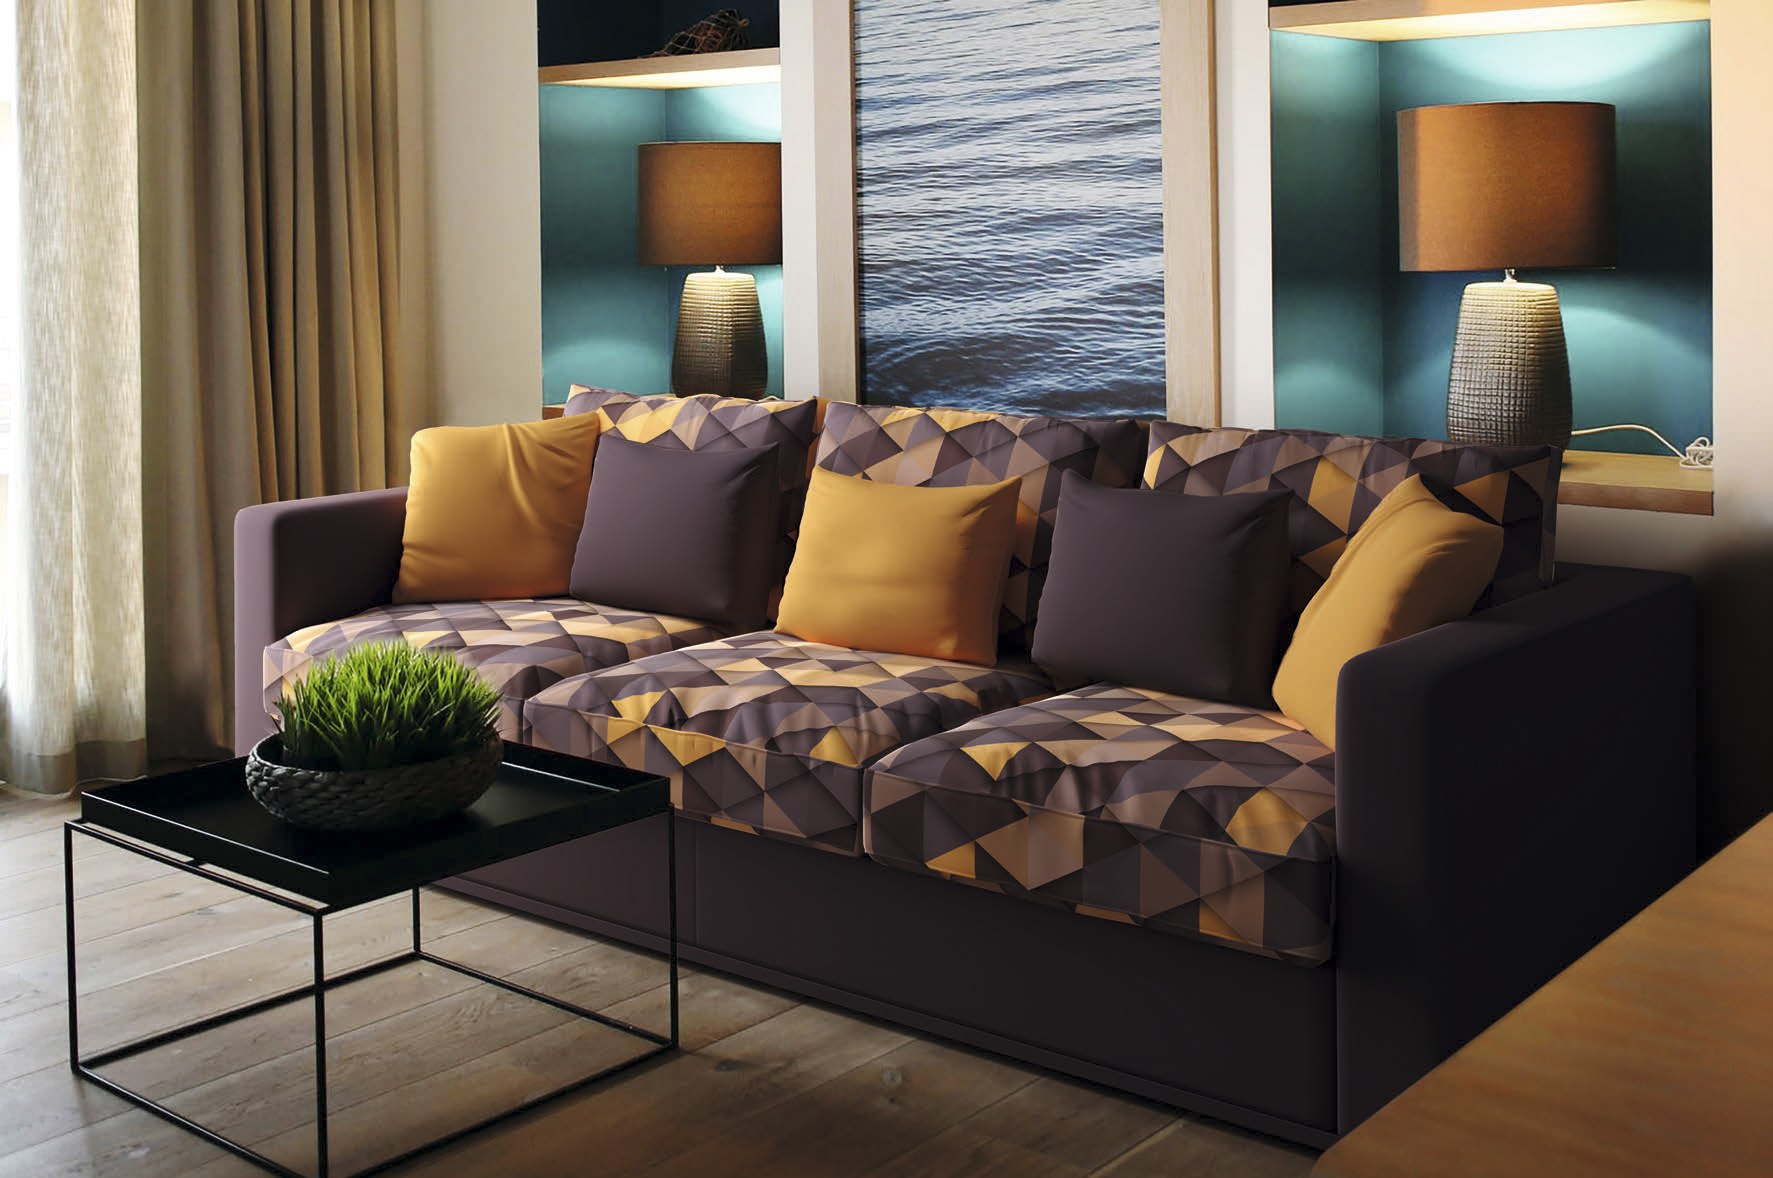 Перетяжка дивана тканью с рисунком